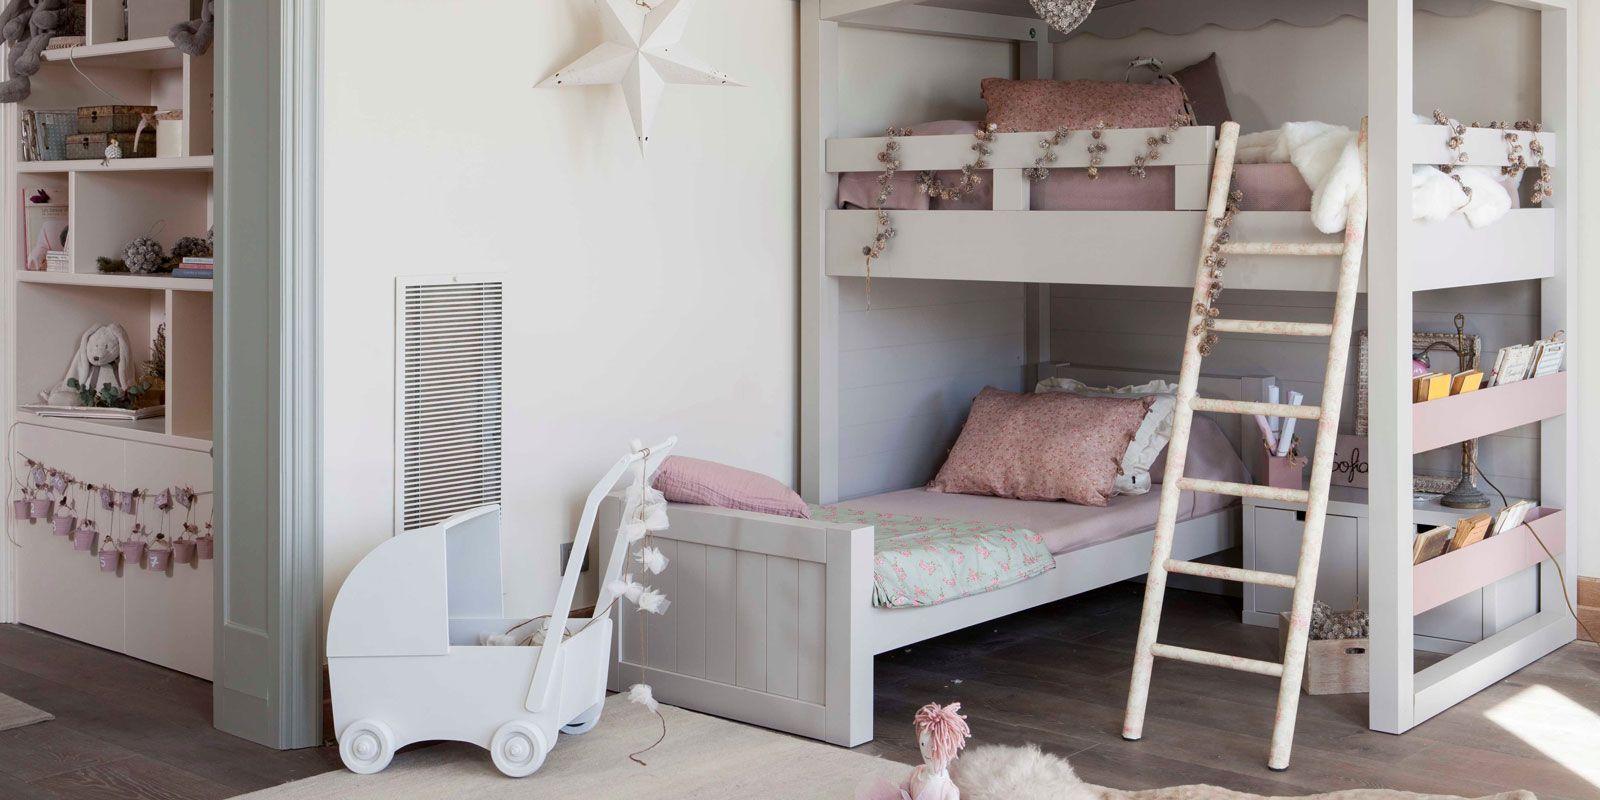 Decoraci n de habitaciones infantiles en barcelona y - Habitaciones infantiles barcelona ...